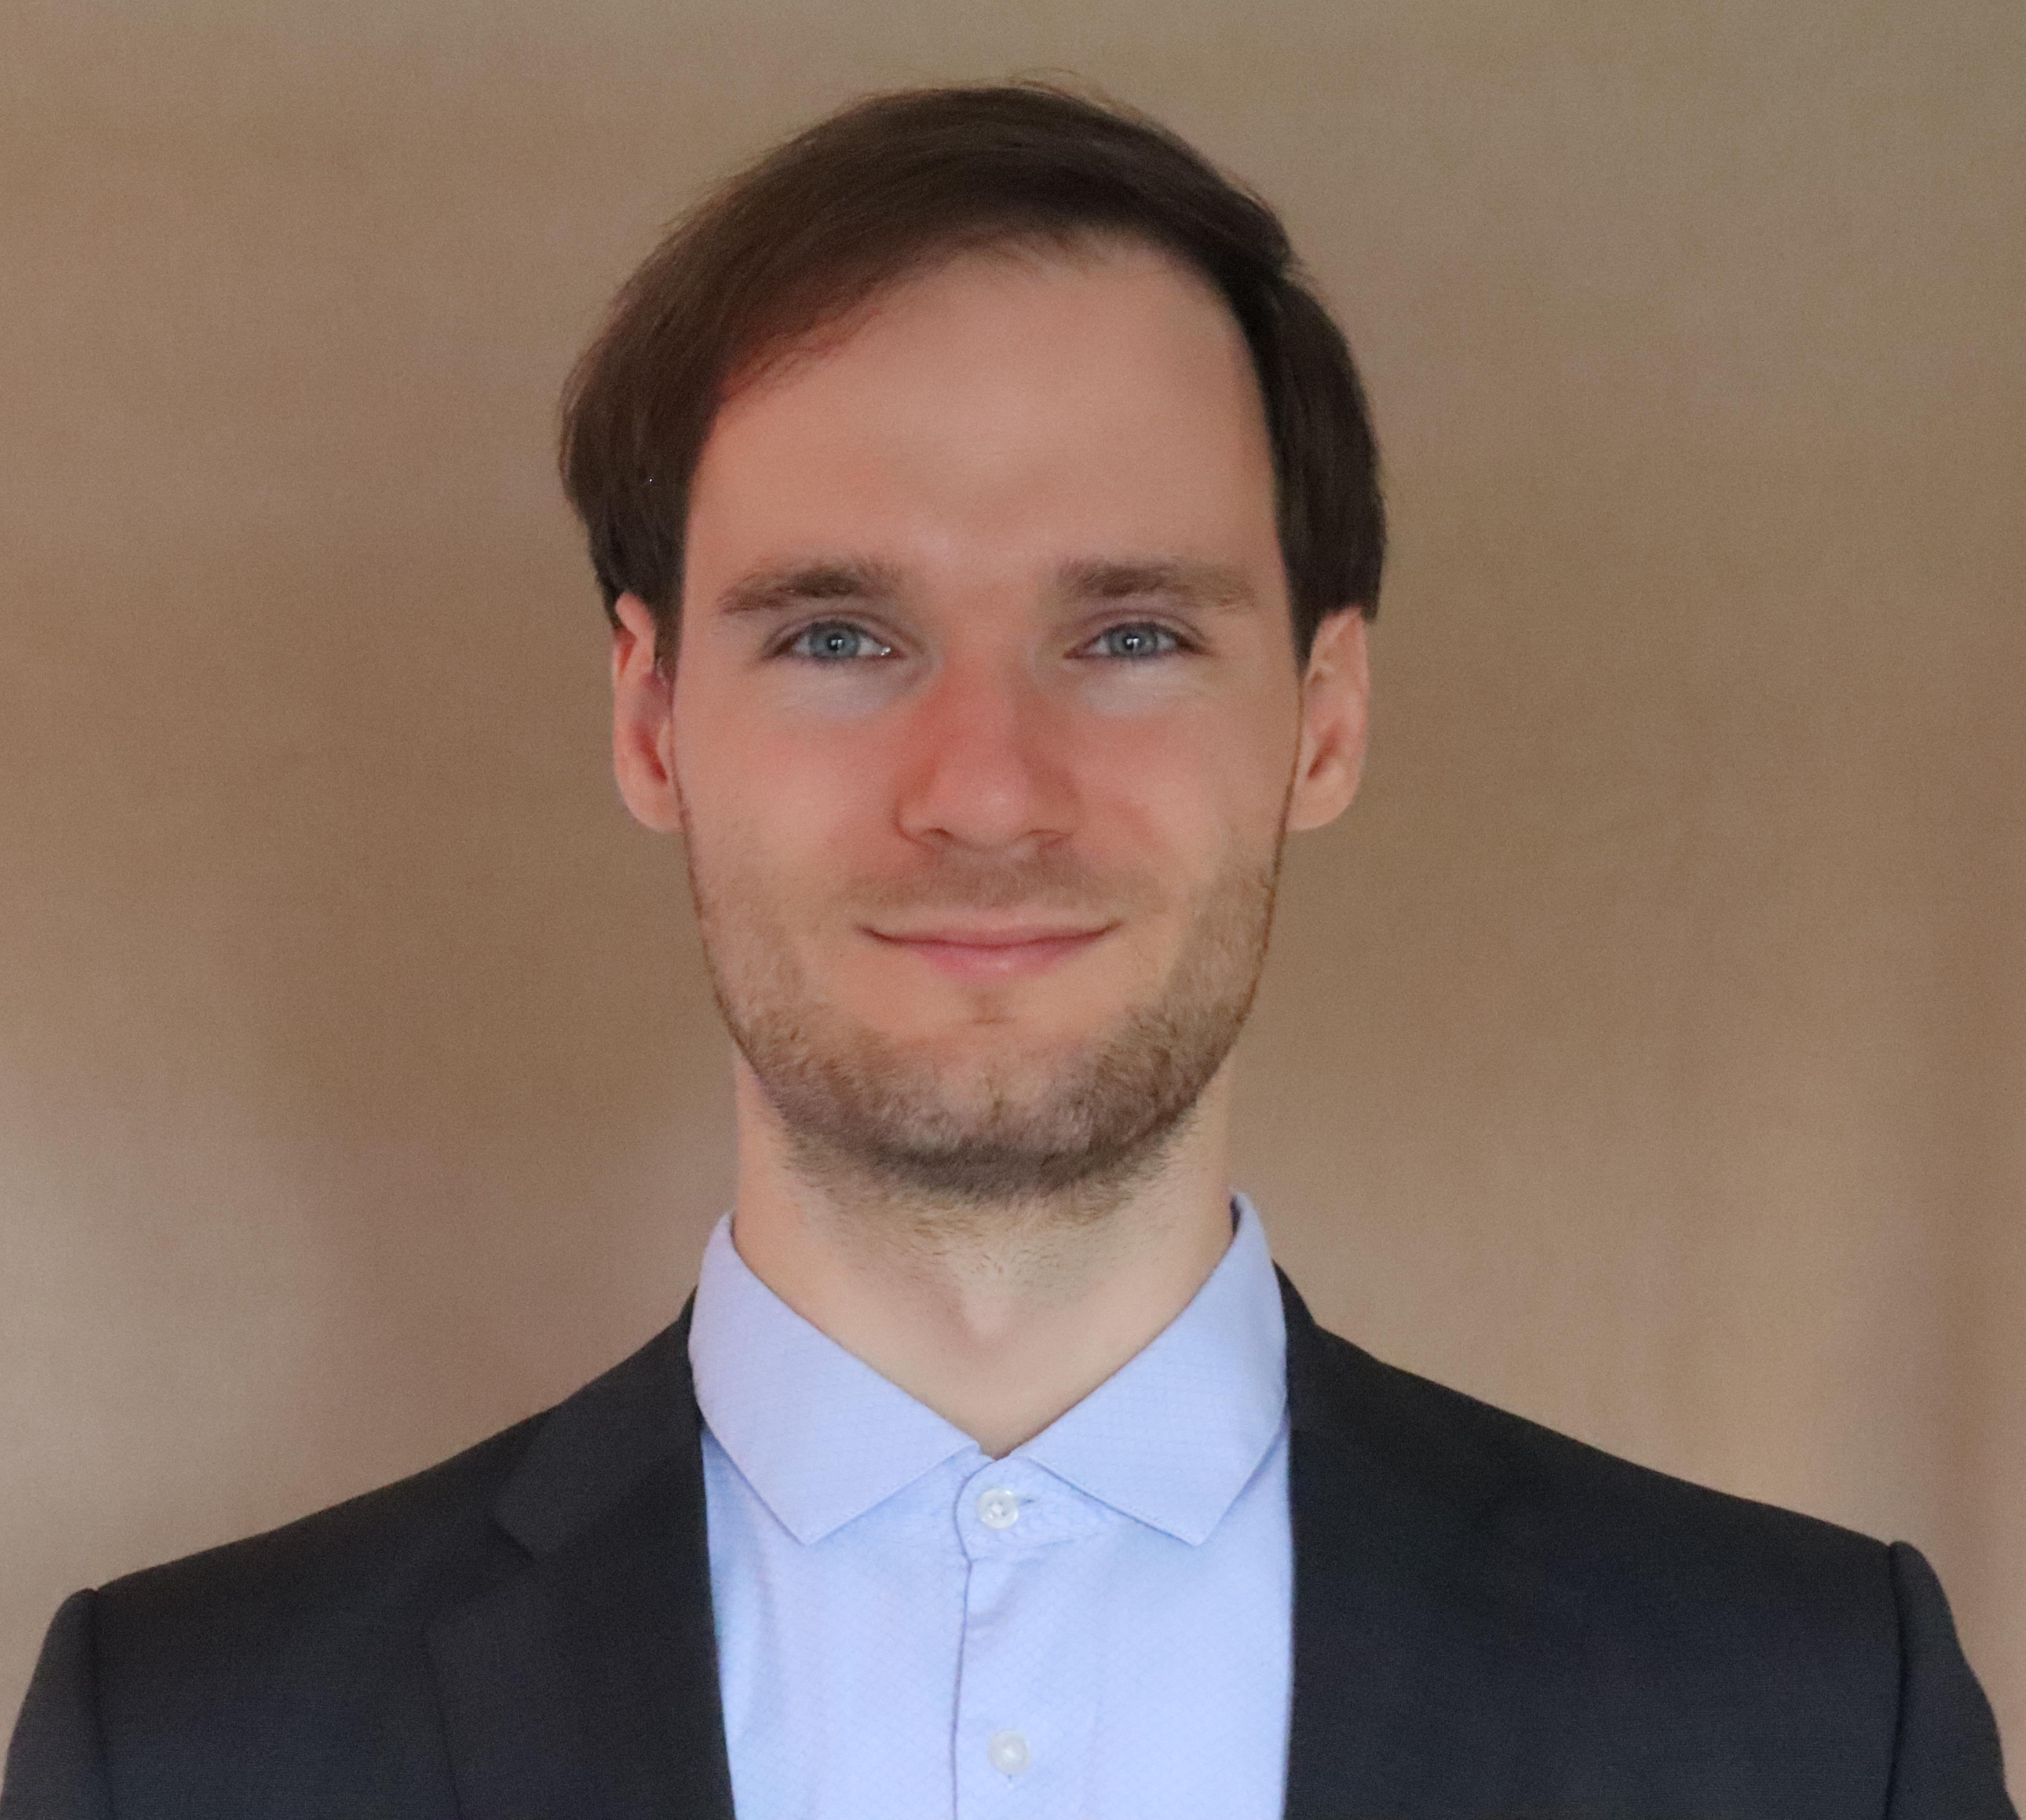 Sven Kunze